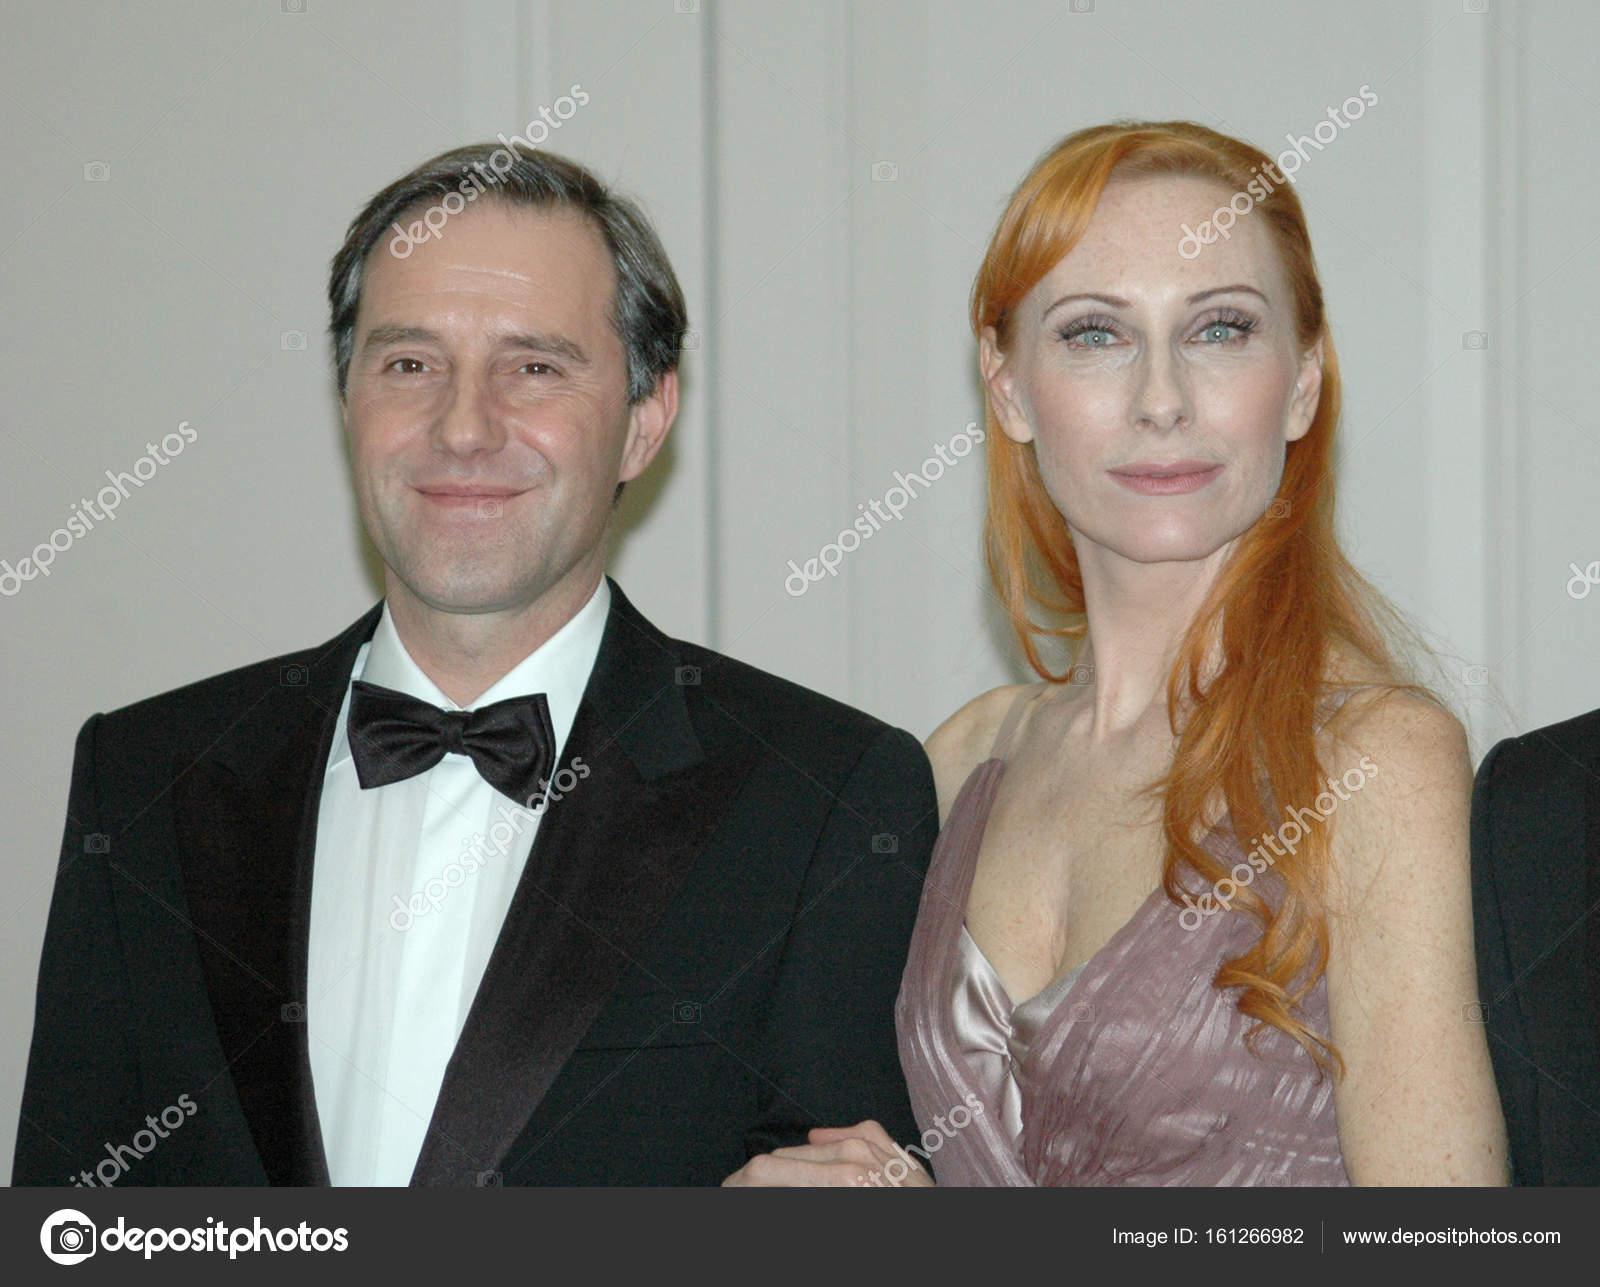 Andrea Sawatzki Söhne